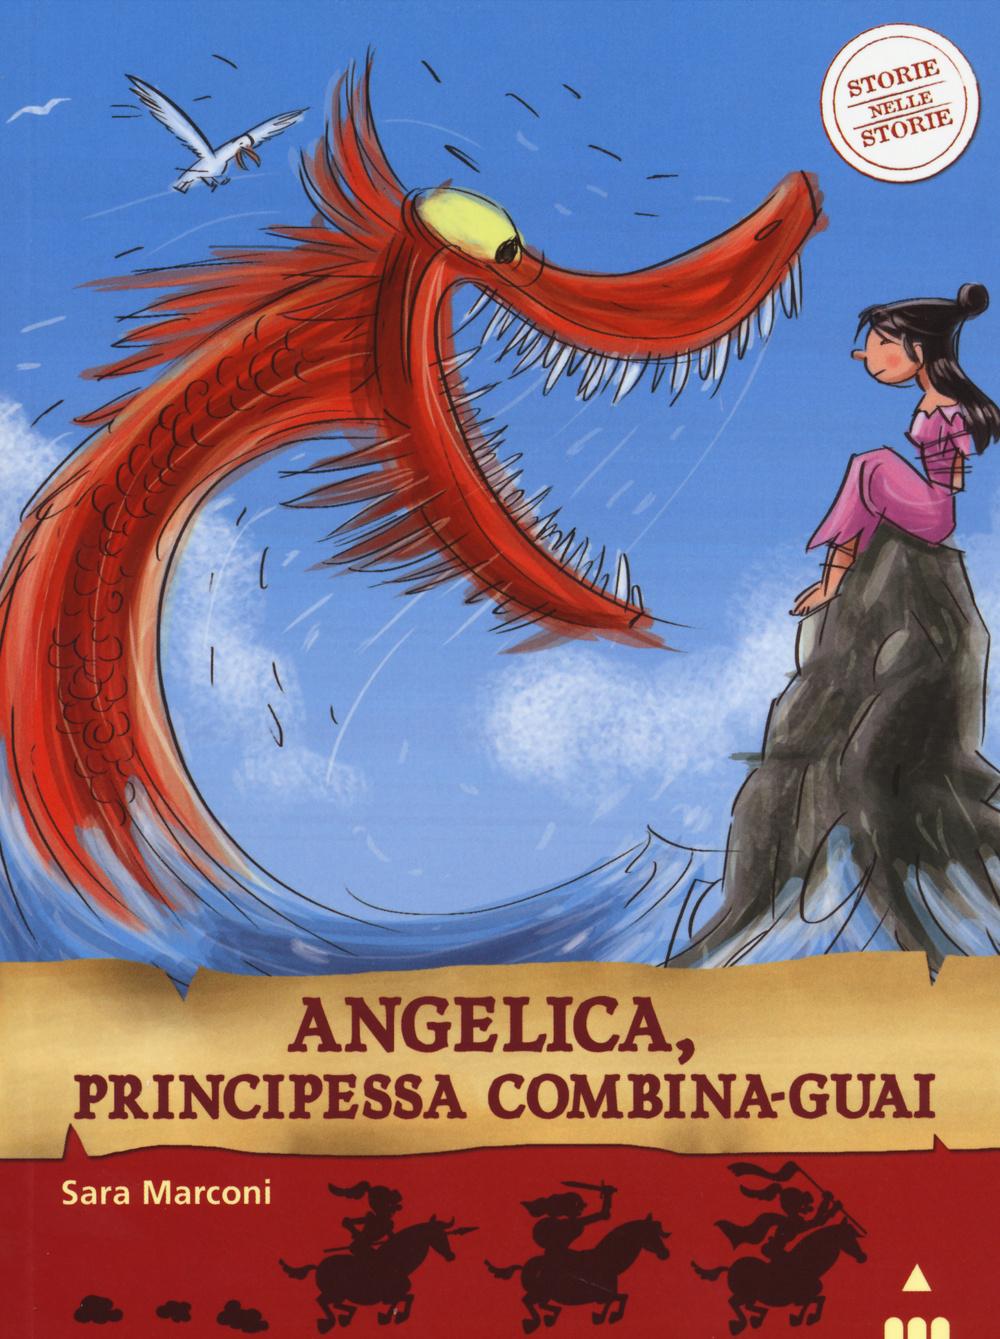 Angelica, principessa combina-guai. Storie nelle storie. Ediz. illustrata